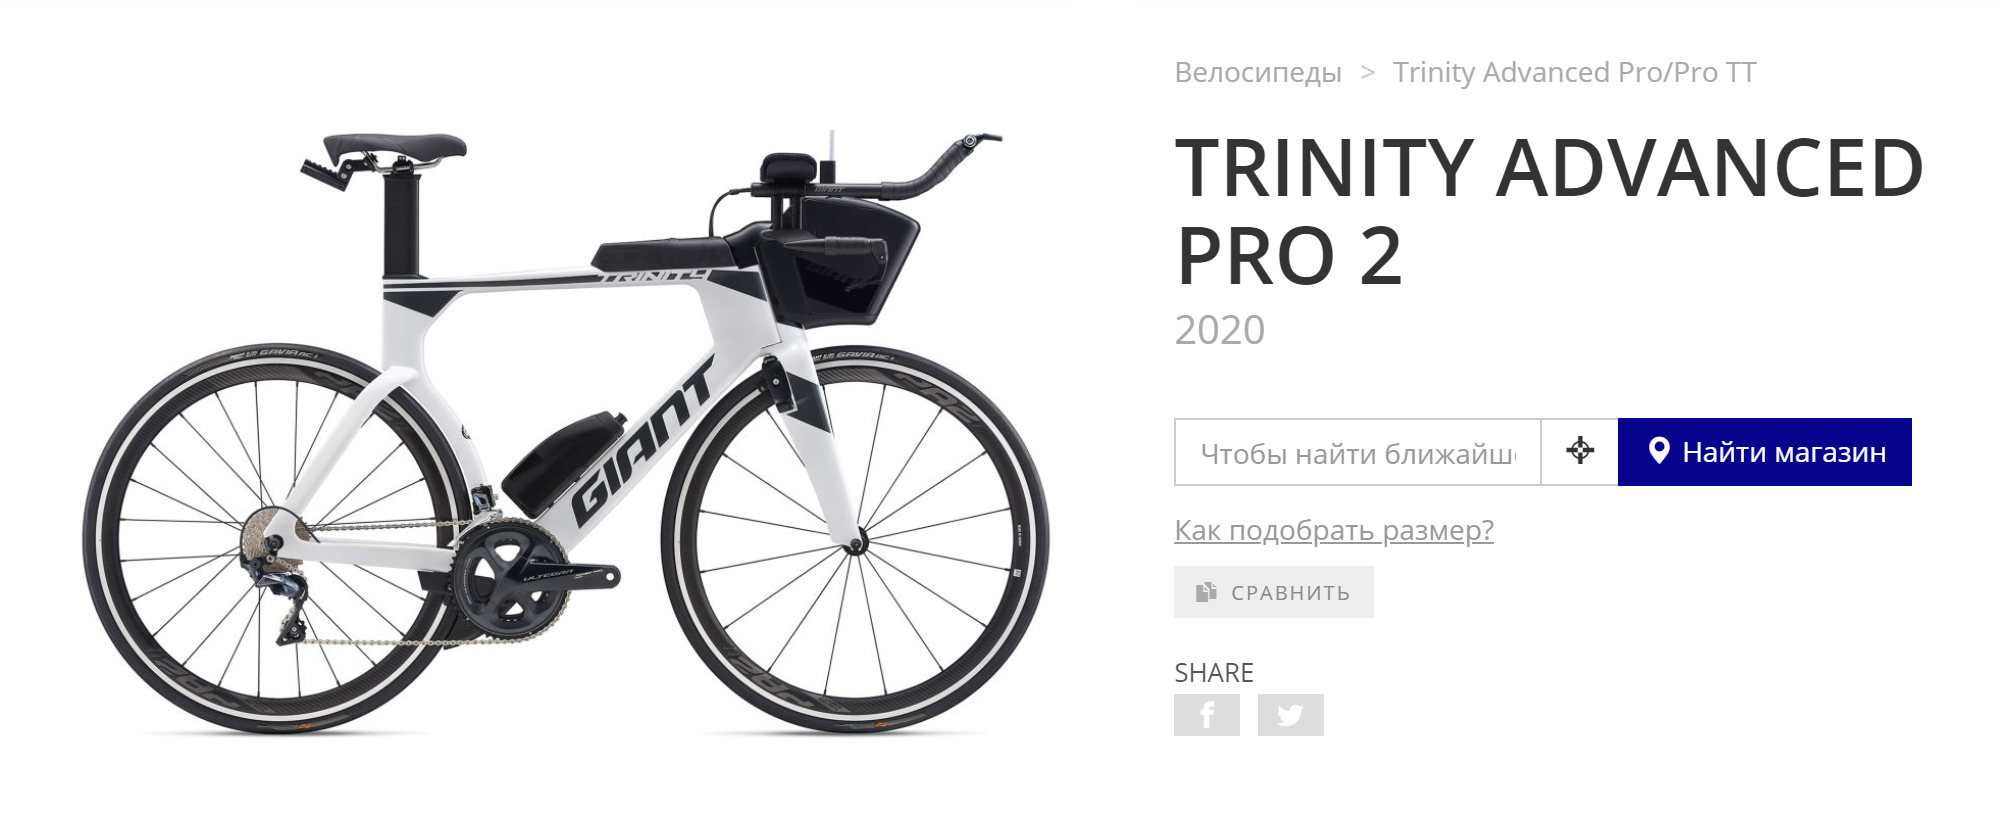 Специальный велосипед для&nbsp;триатлона обеспечивает спортсмену более комфортную посадку. Цена такого около 250&nbsp;000&nbsp;<span class=ruble>Р</span>. Источник: официальный сайт&nbsp;Giant